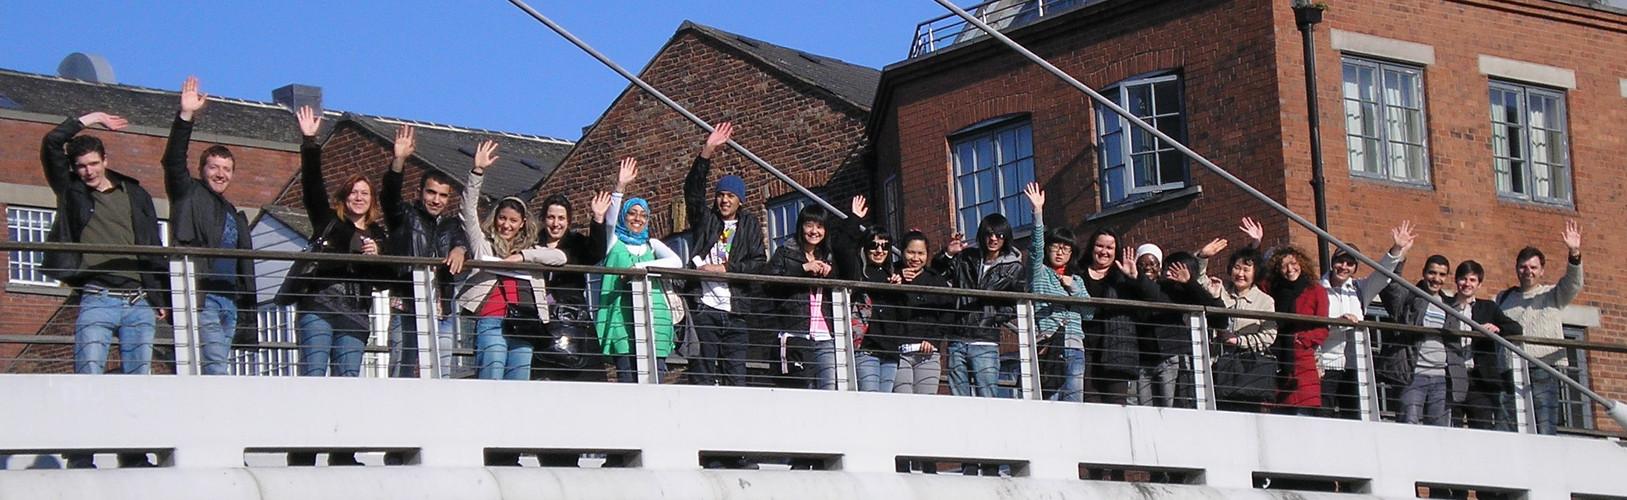 students on bridge.JPG